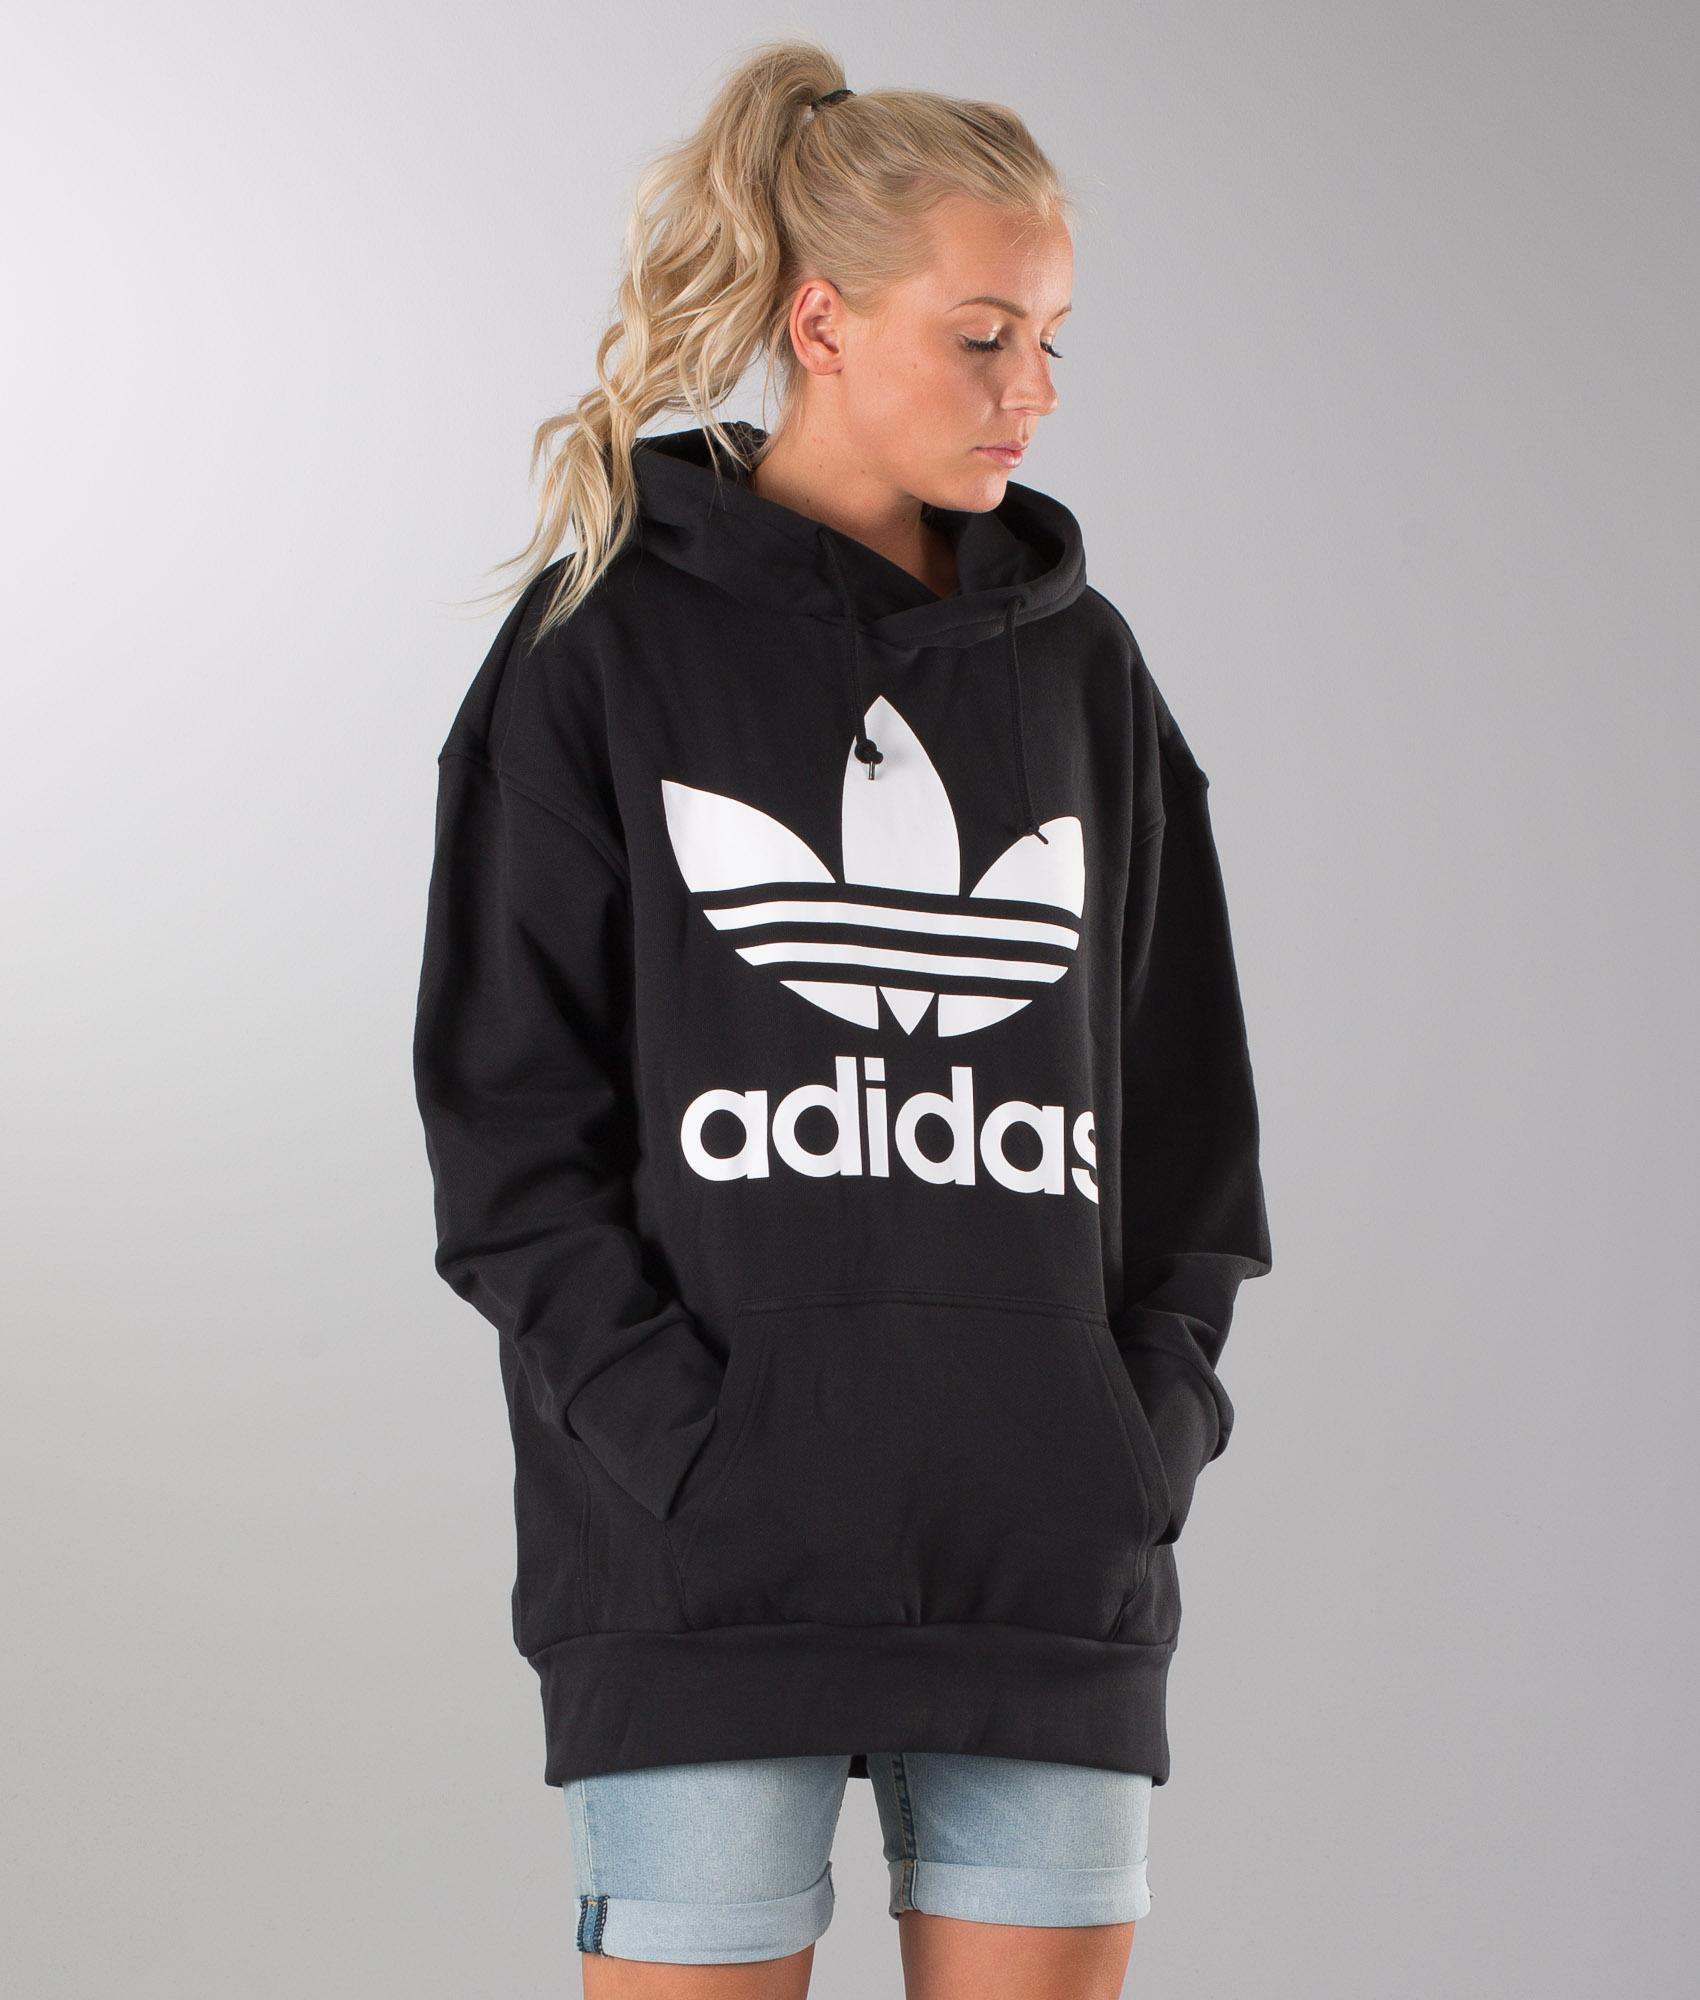 Adidas Originals Adc F Unisex Hoodie Black